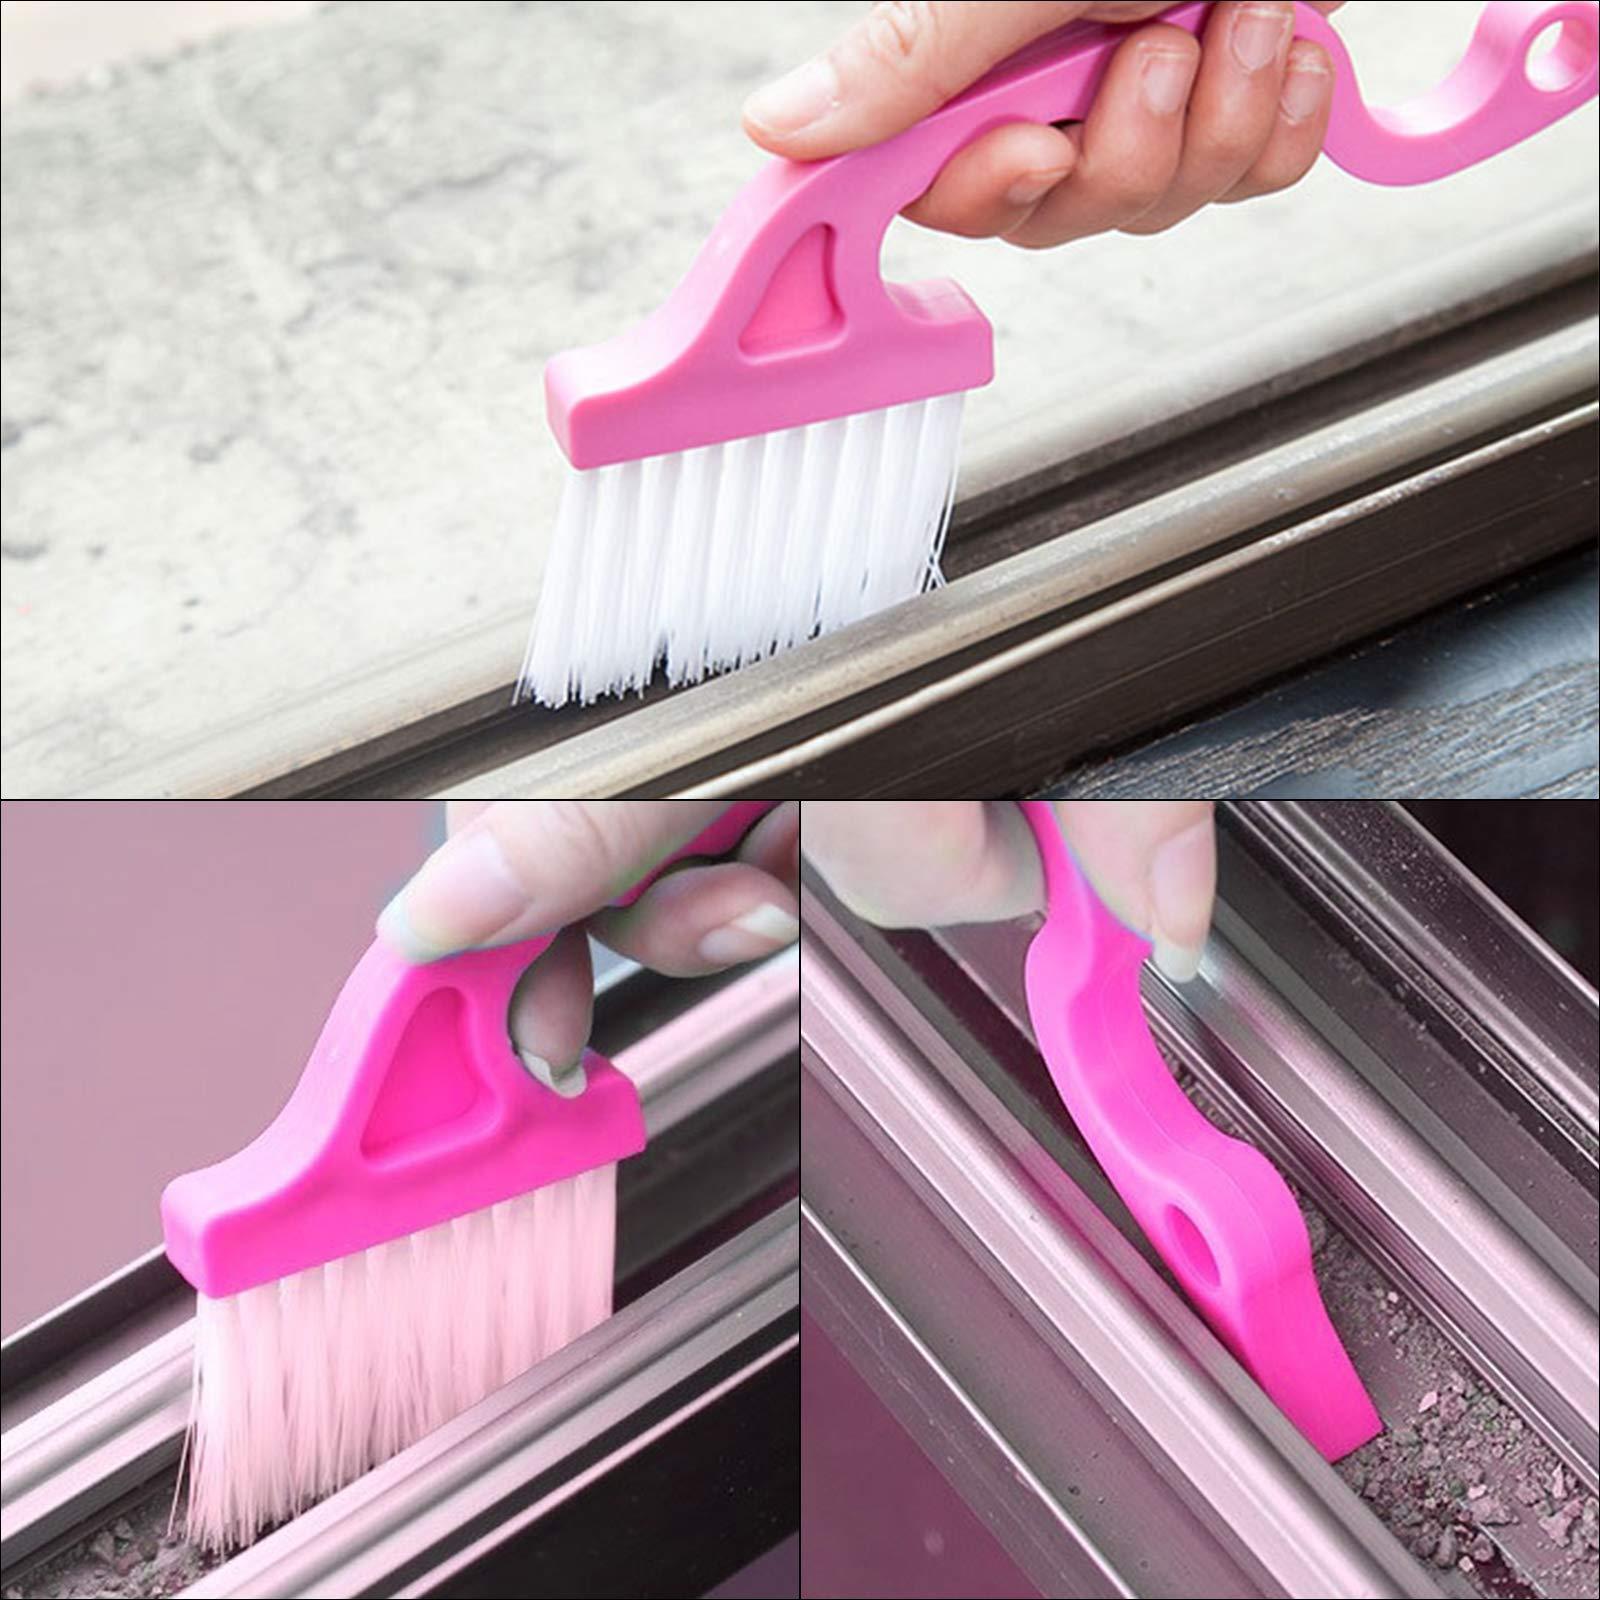 TAZEMAT 5 Stücke Nut Reinigungsbürsten Fenster Gap Groove Reinigungsbürste mit Transparenter Haken Reinigungsbürsten für Türen Fenster Jalousie Klimaanlage Tastatur